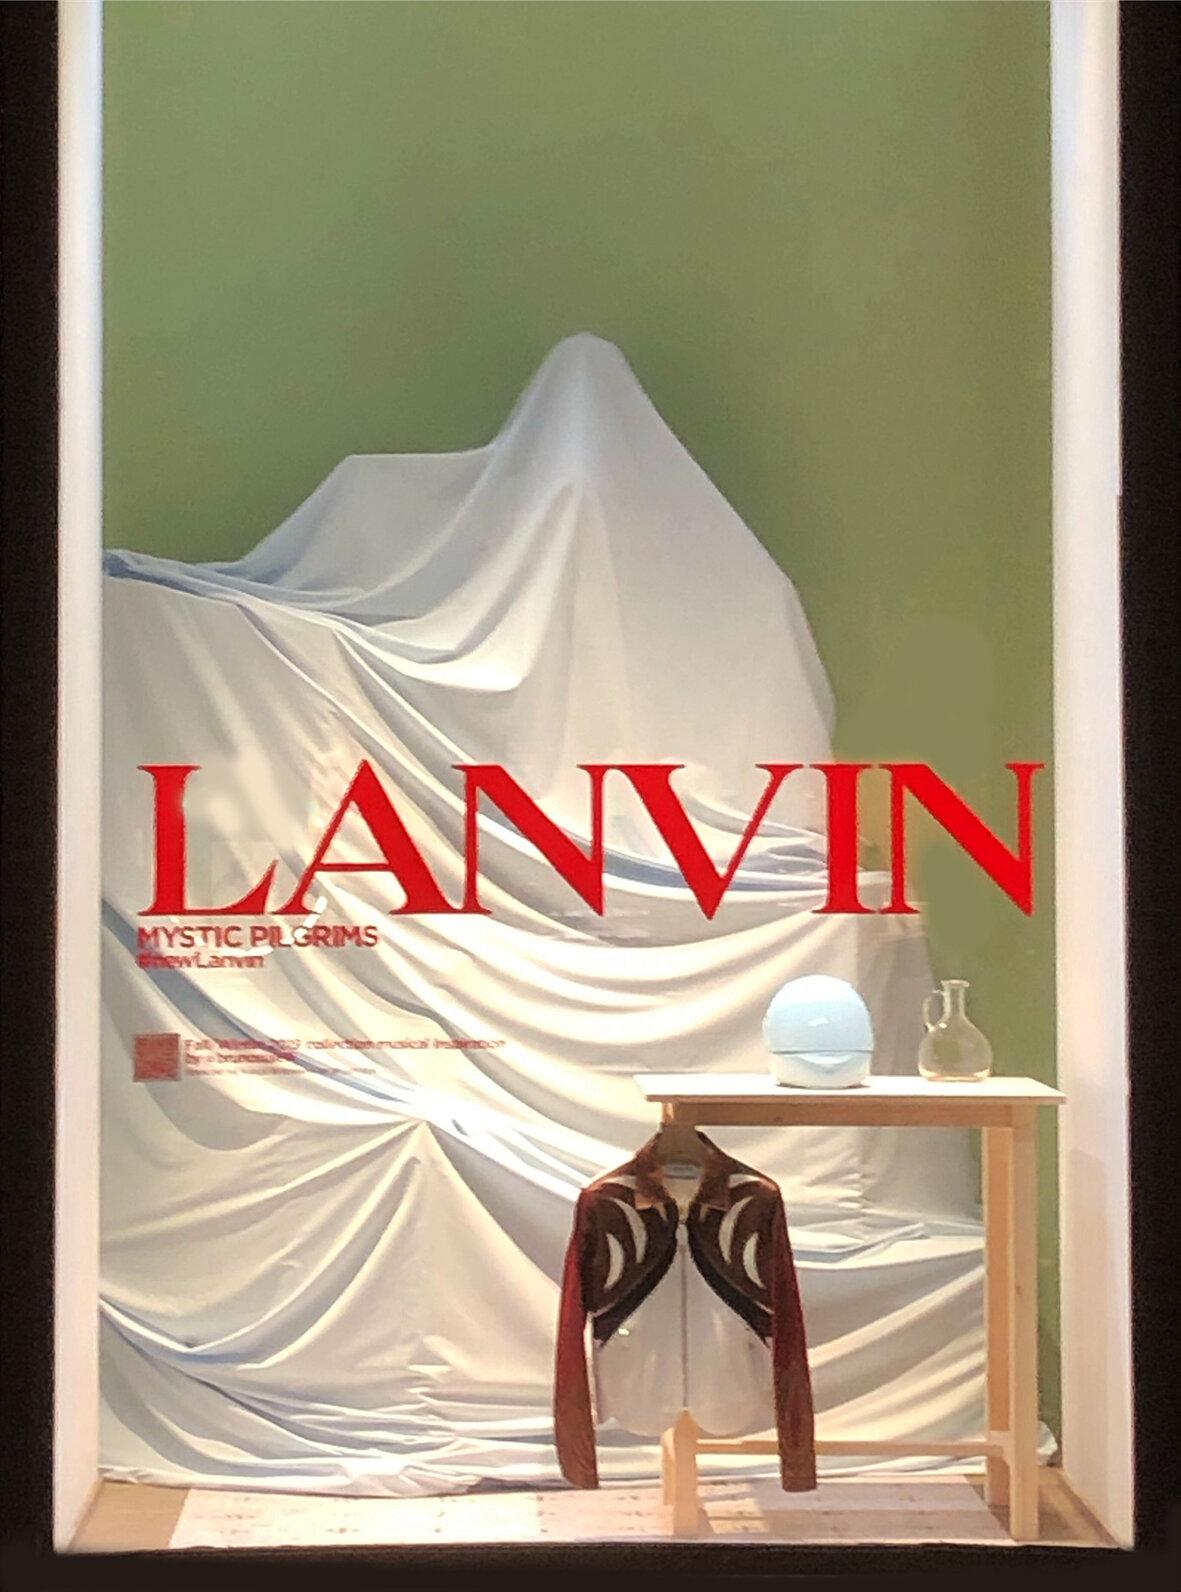 present-gallerie_lanvin7.jpg